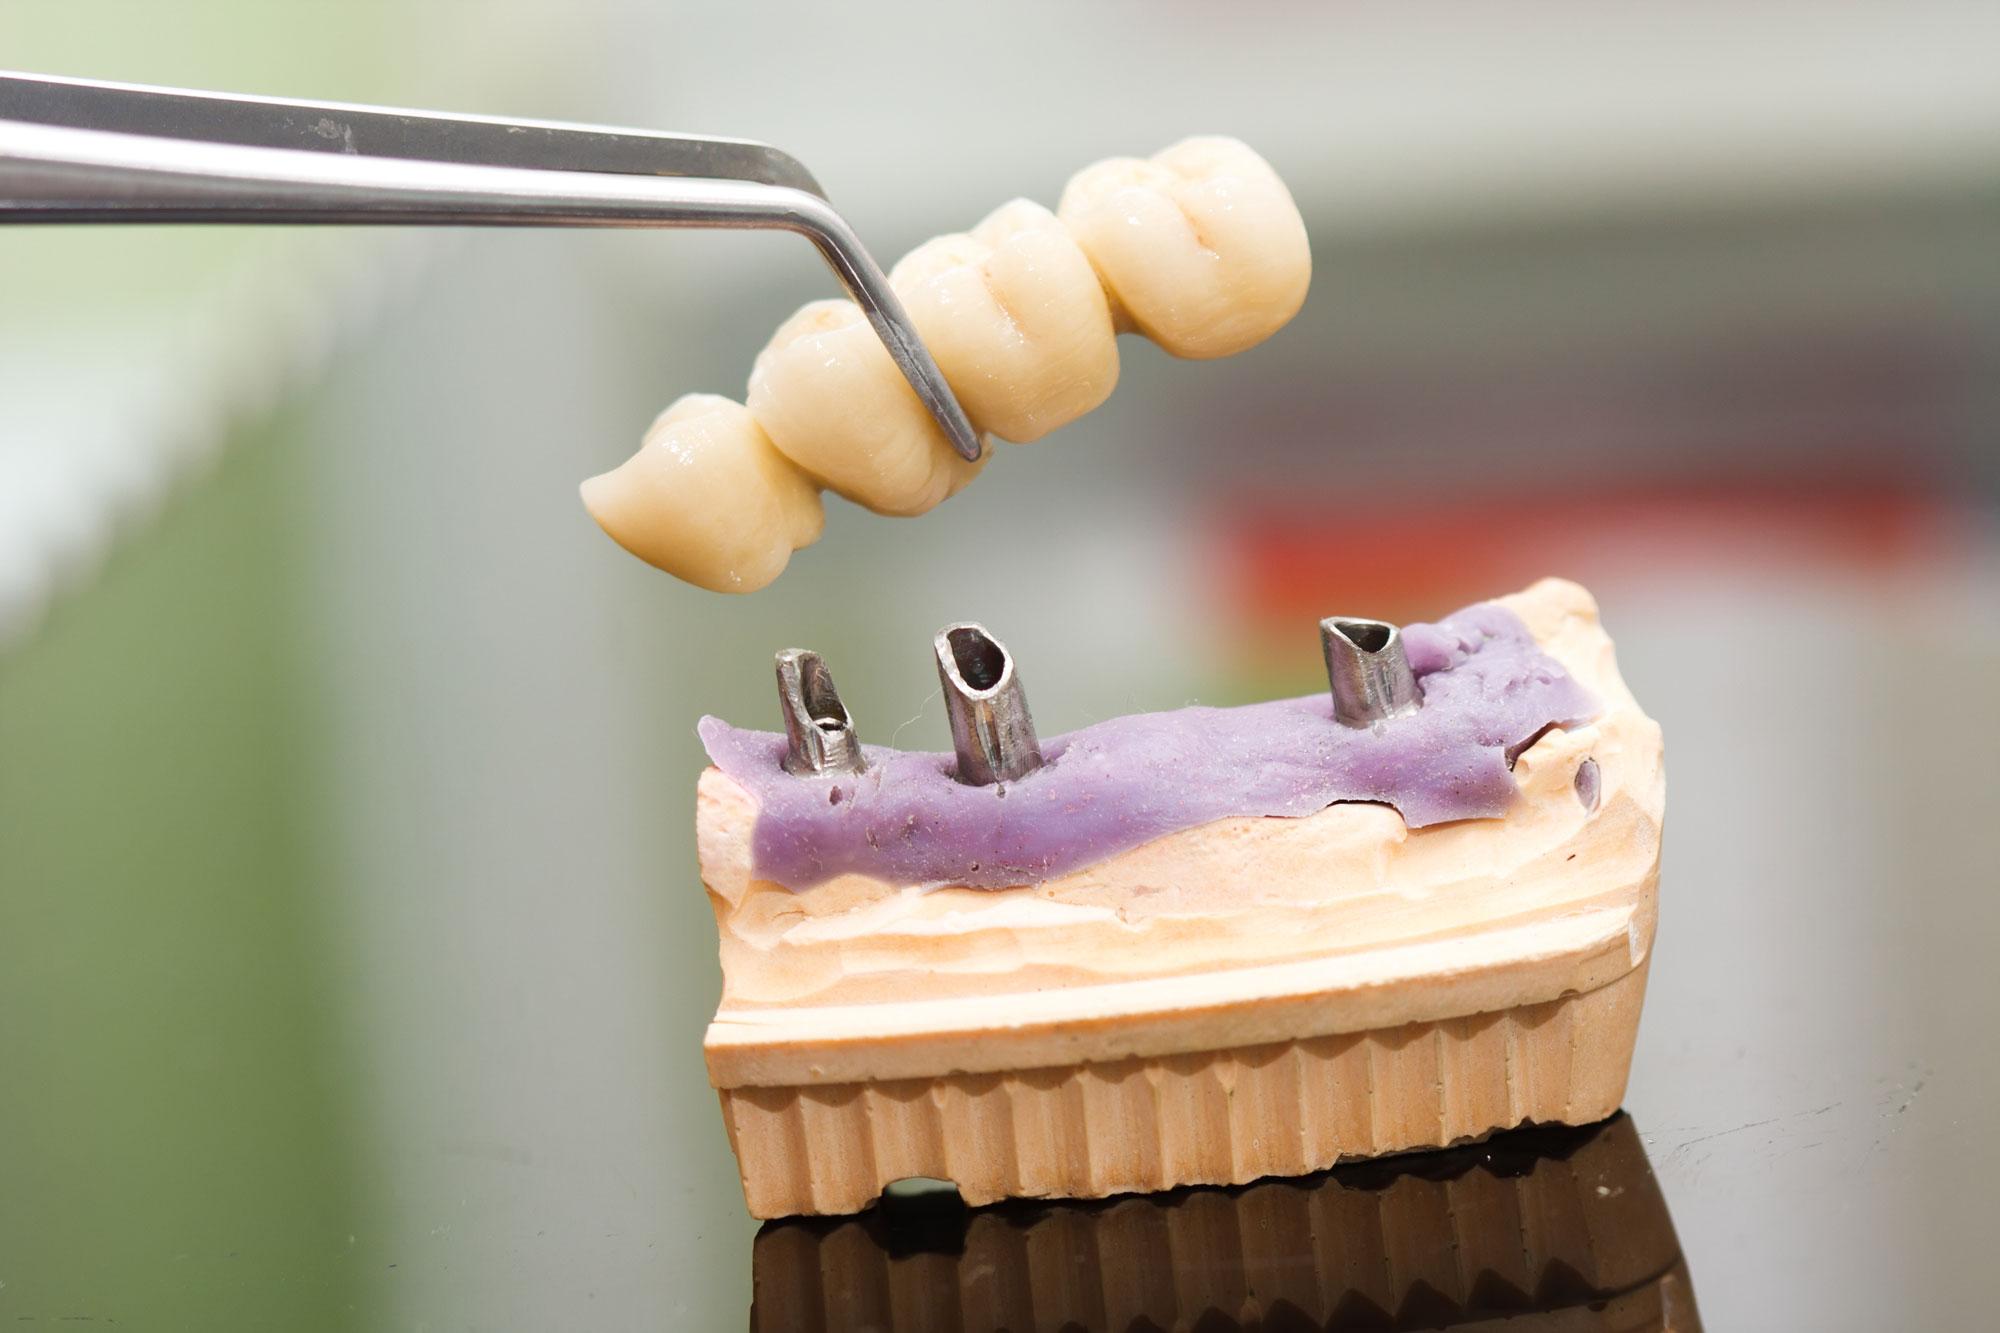 Implantációs fogpótlás sorvégi foghiányok esetén.